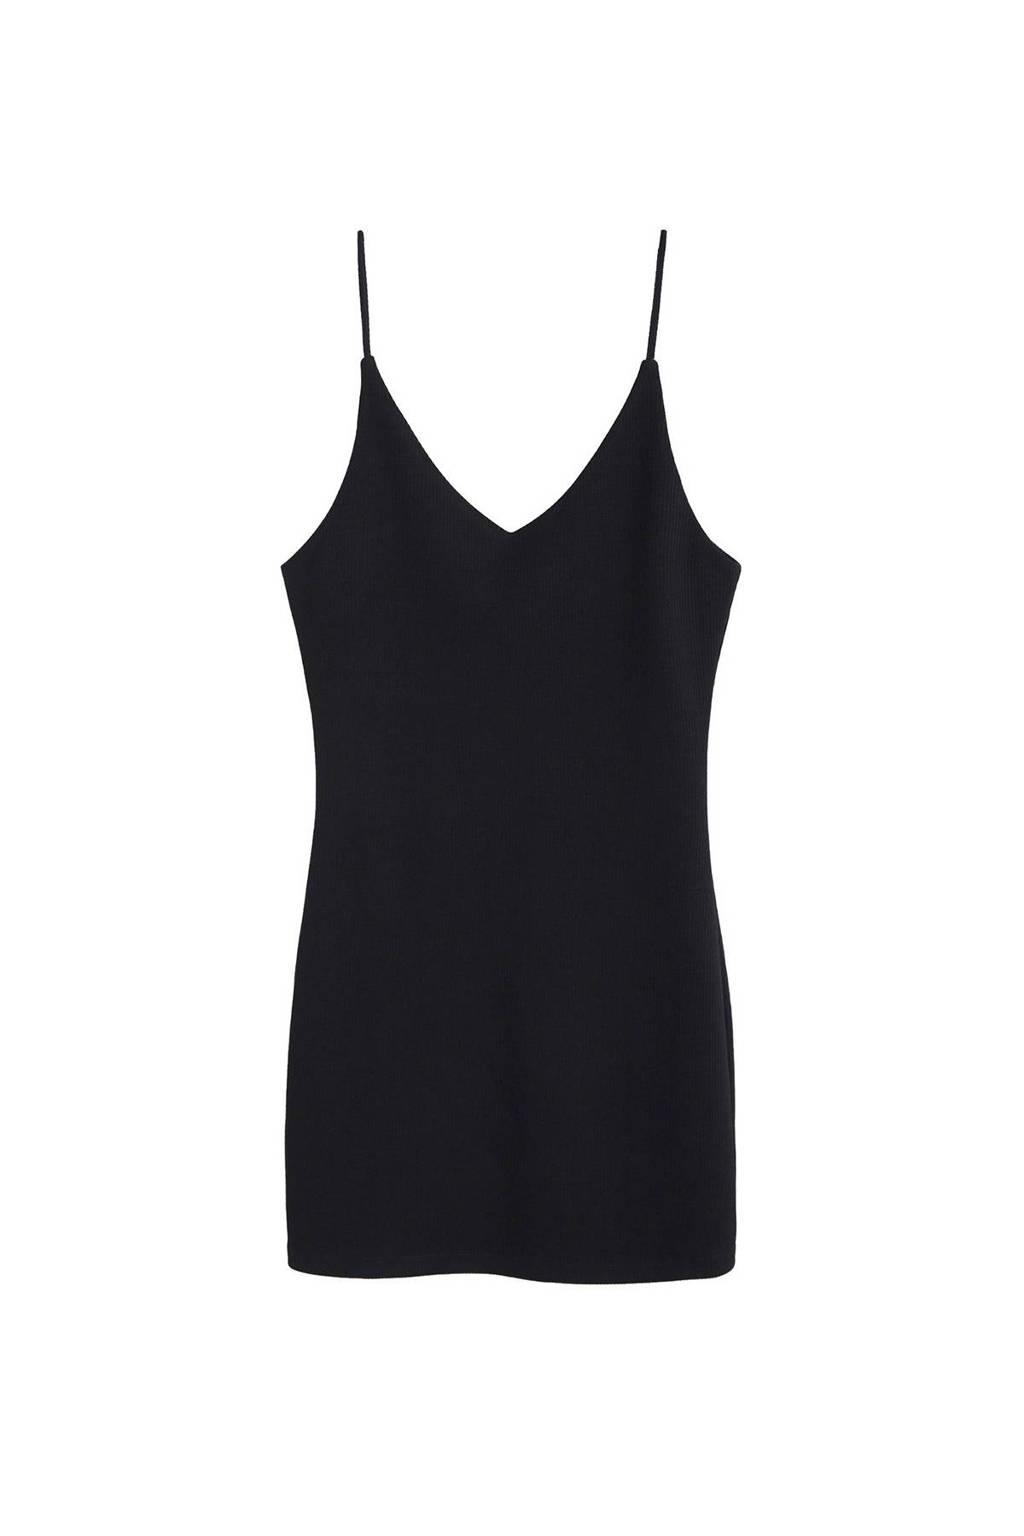 Mango ribgebreide jurk, Zwart